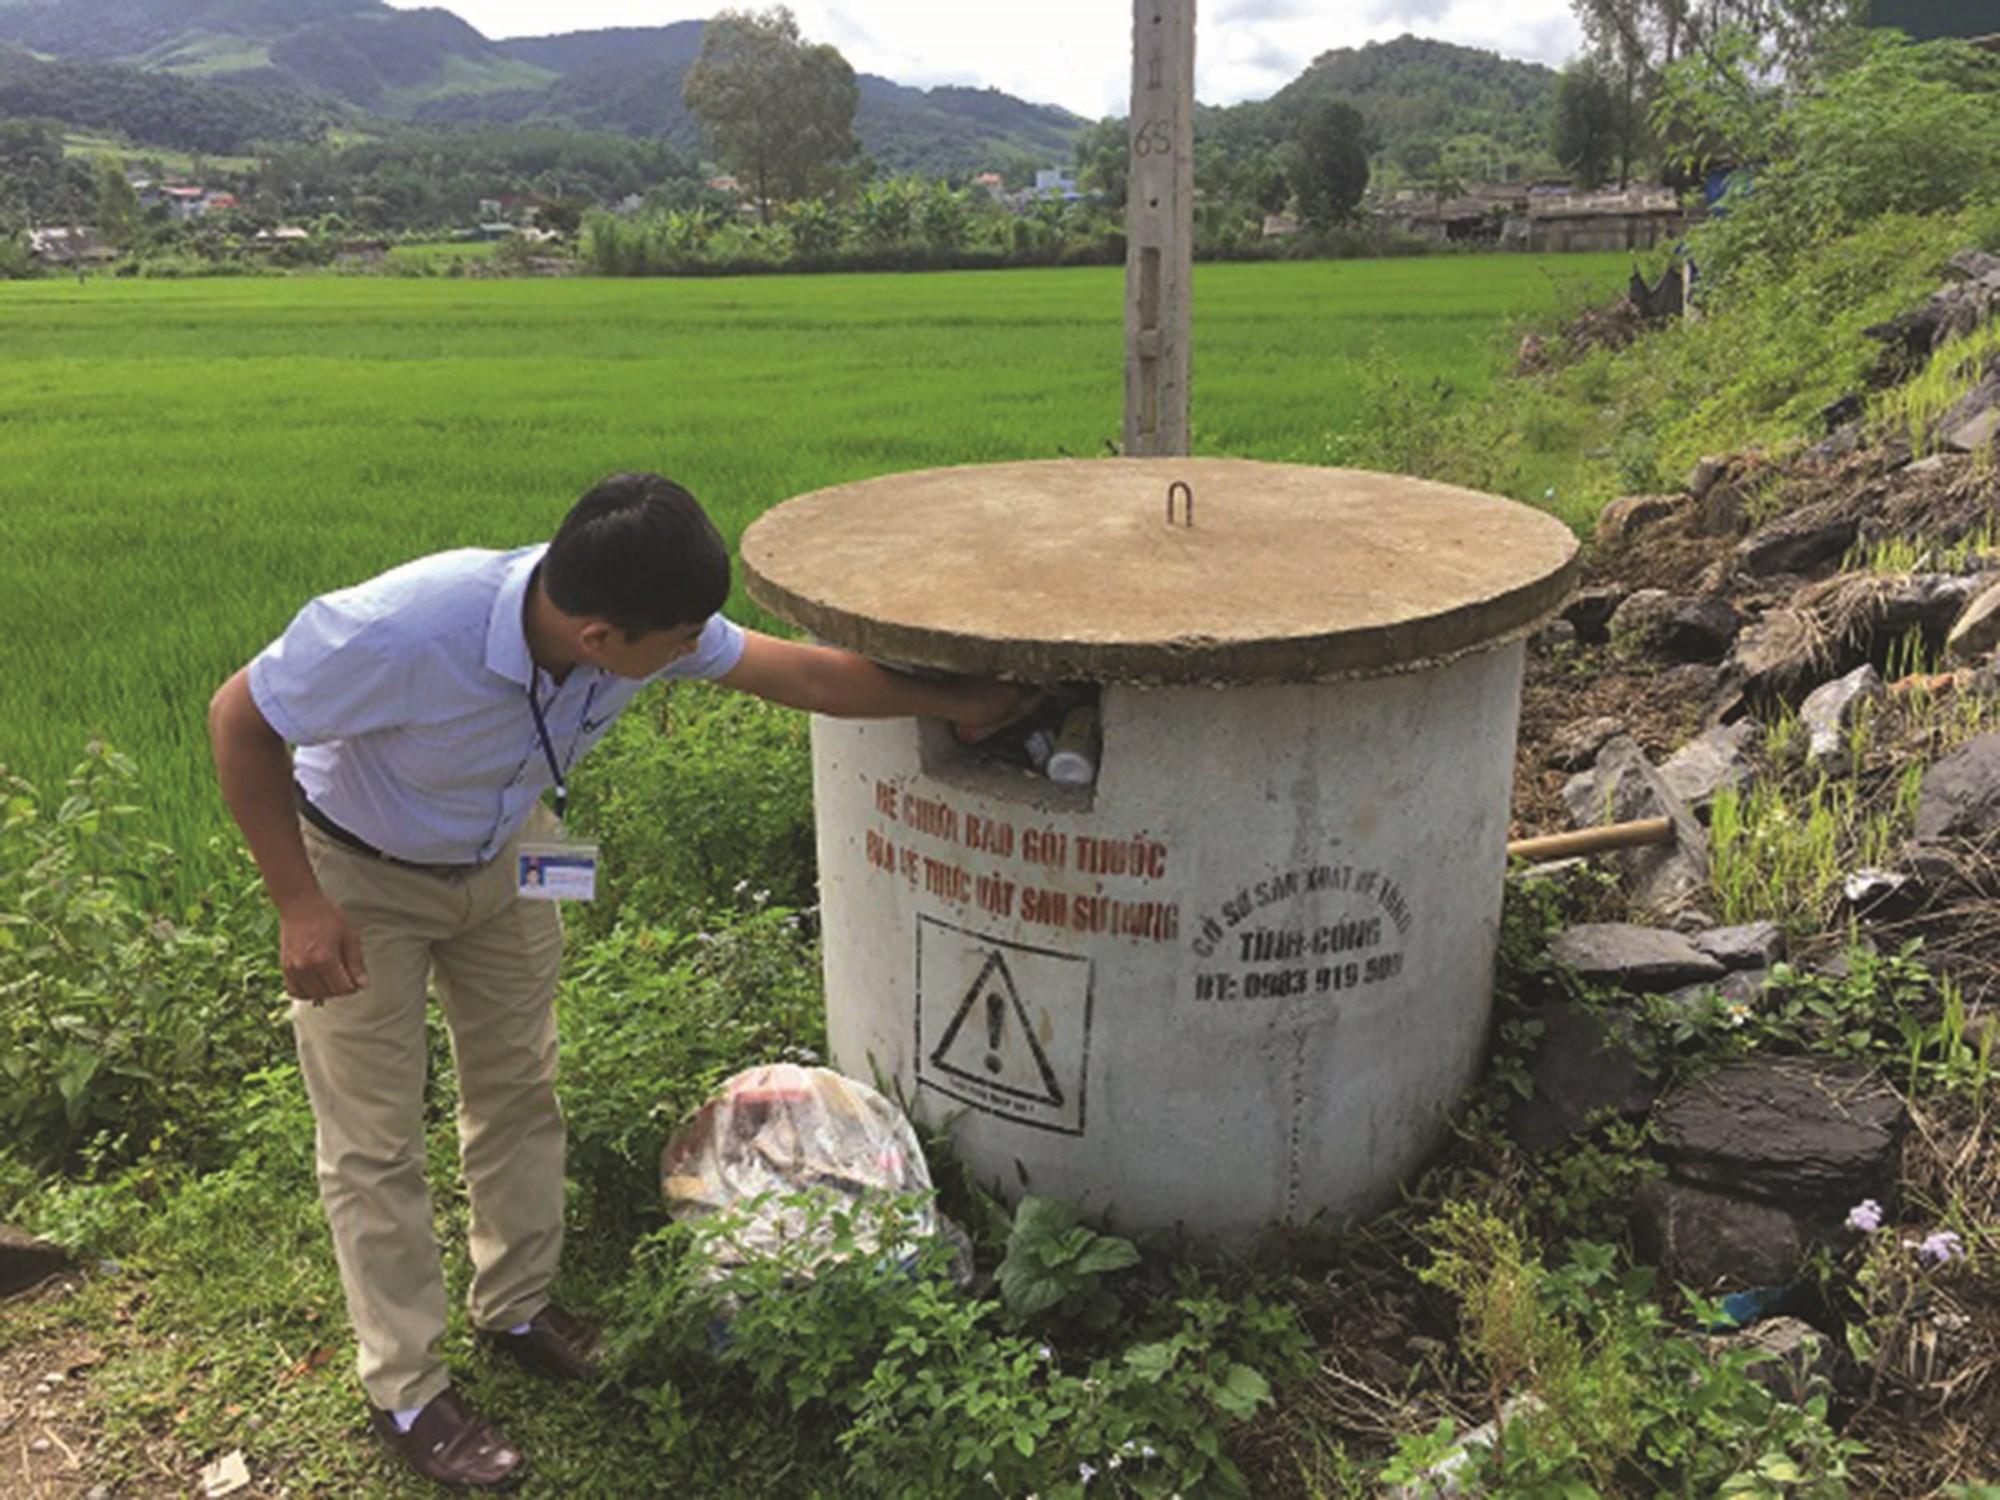 Toàn tỉnh Sơn La hiện có 965 bể chứa bao gói thuốc BVTV trên địa bàn 55 xã. Ảnh Internet